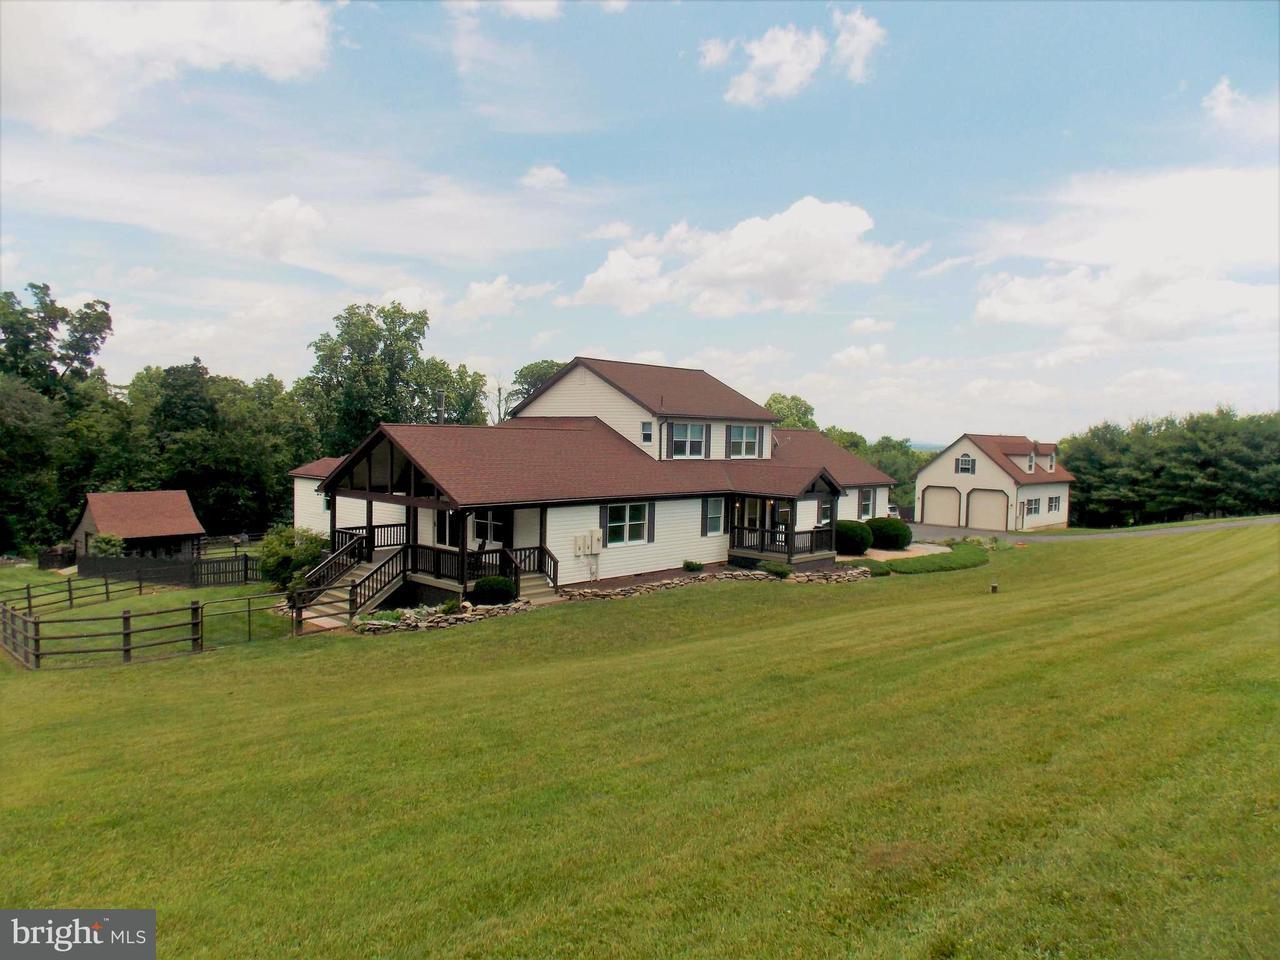 一戸建て のために 売買 アット 975 MOUNT CARMEL Road 975 MOUNT CARMEL Road Orrtanna, ペンシルベニア 17353 アメリカ合衆国